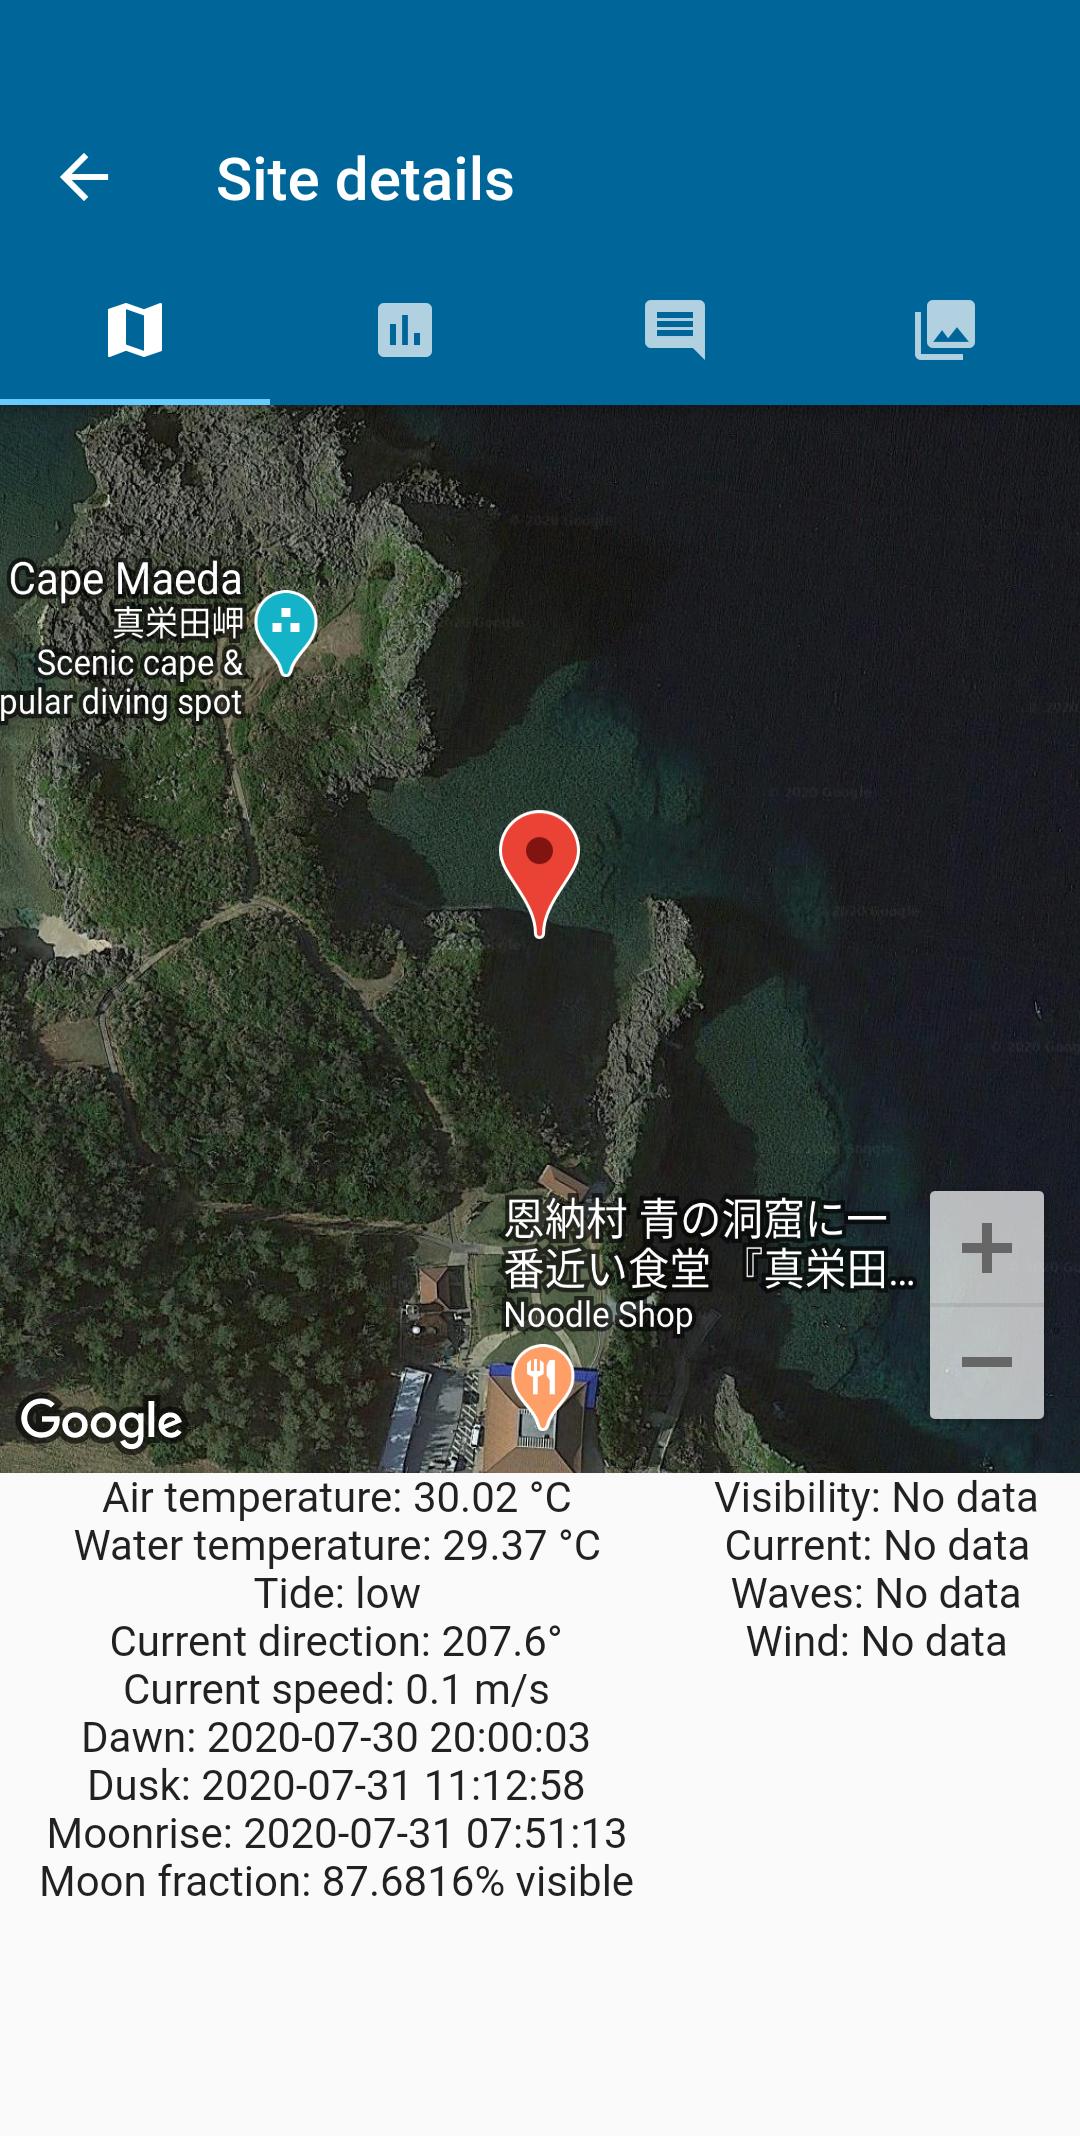 温度、風、電流、および天文倍などのサイトの詳細、